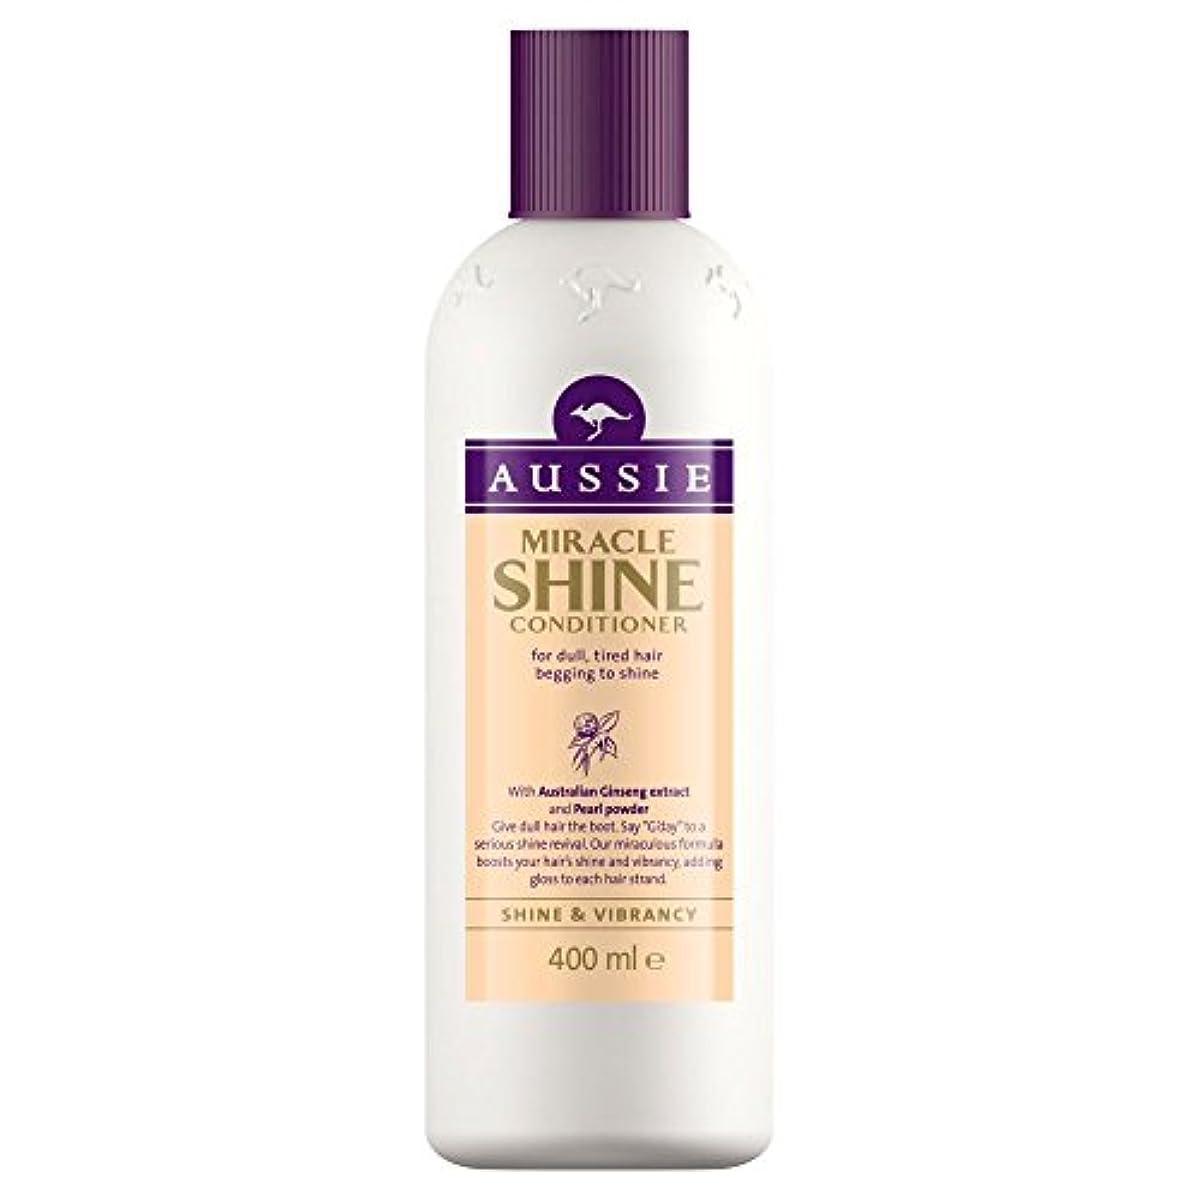 拡大する生産的乏しいAussie Miracle Shine Conditioner (400ml) オージー奇跡のシャインコンディショナー( 400ミリリットル) [並行輸入品]